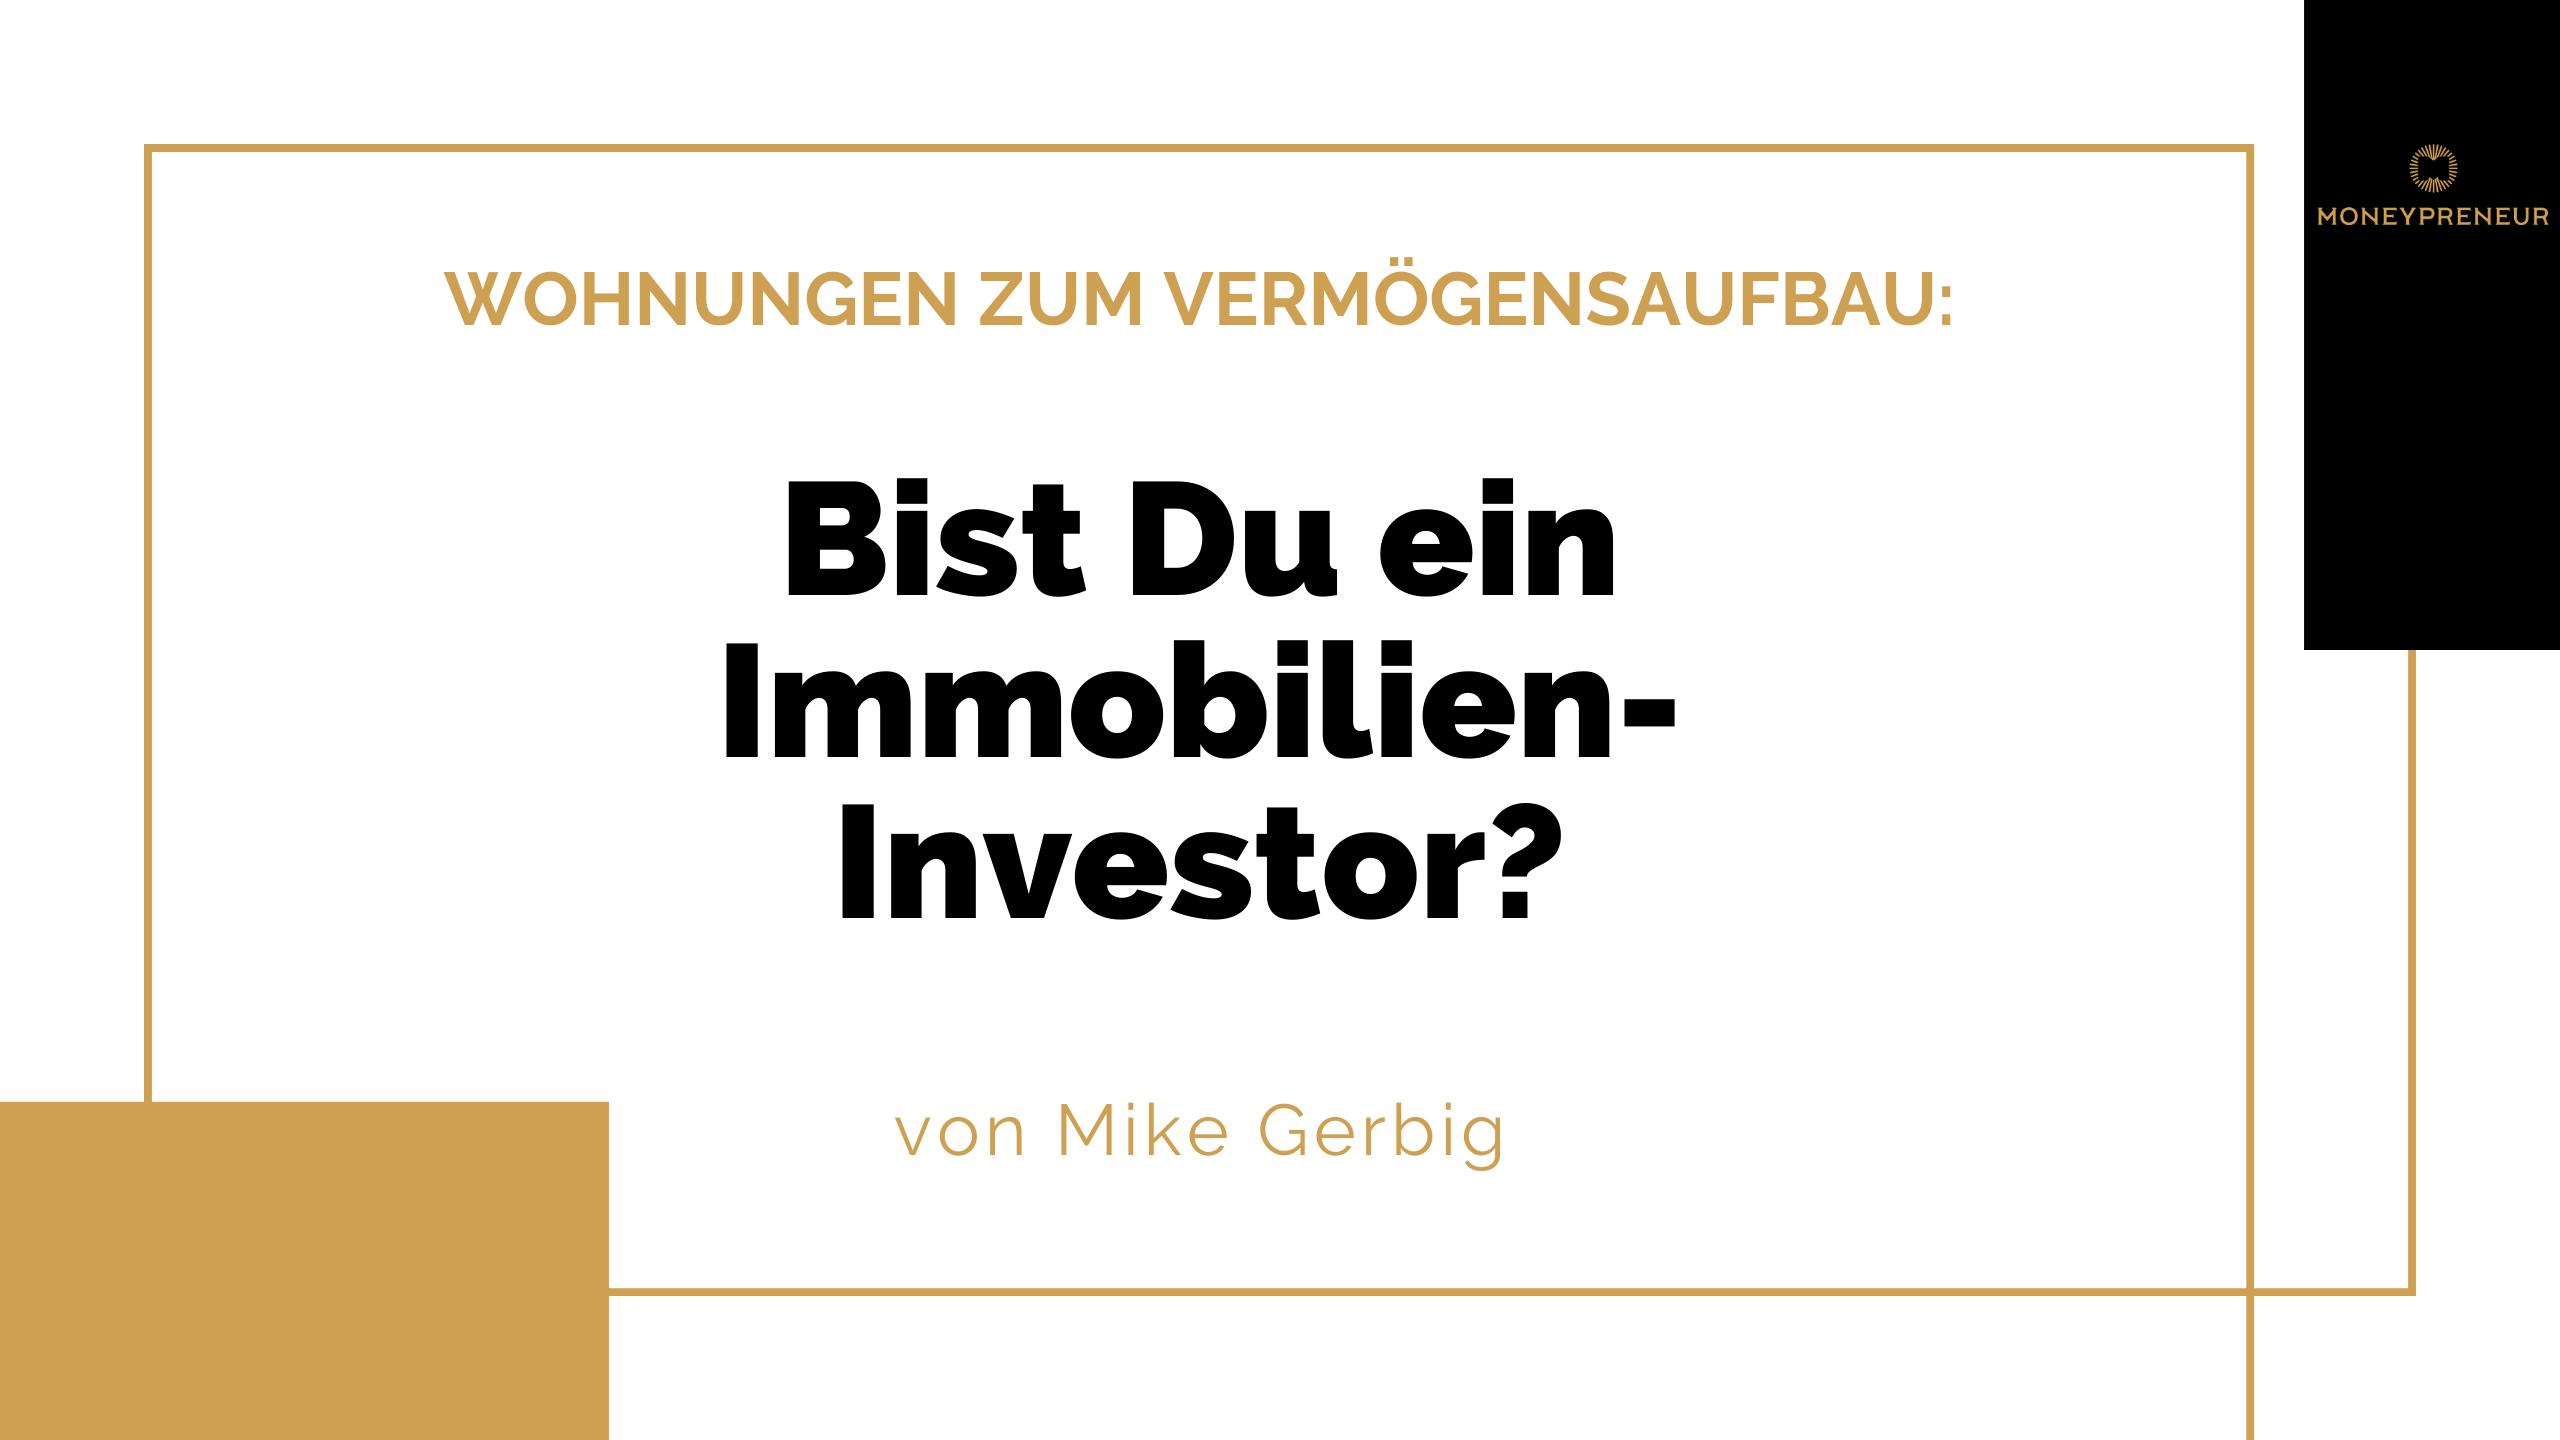 Bist-du-ein-immobilien-investor